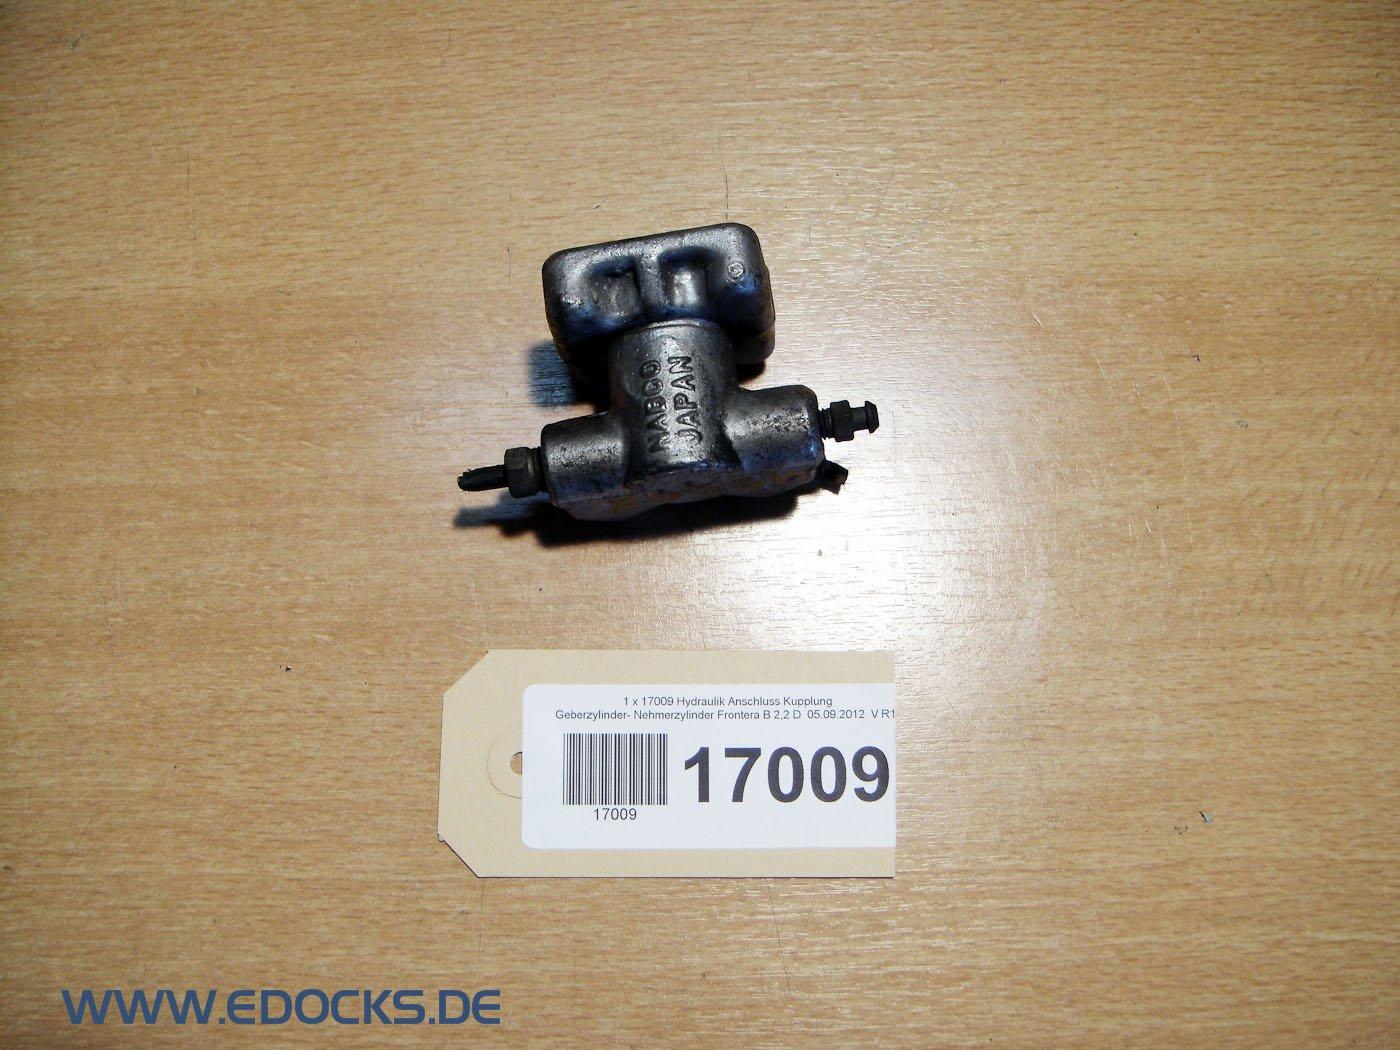 hidráulico Cilindro receptor de conector Cilindro maestro de embrague de frontera B: Amazon.es: Coche y moto